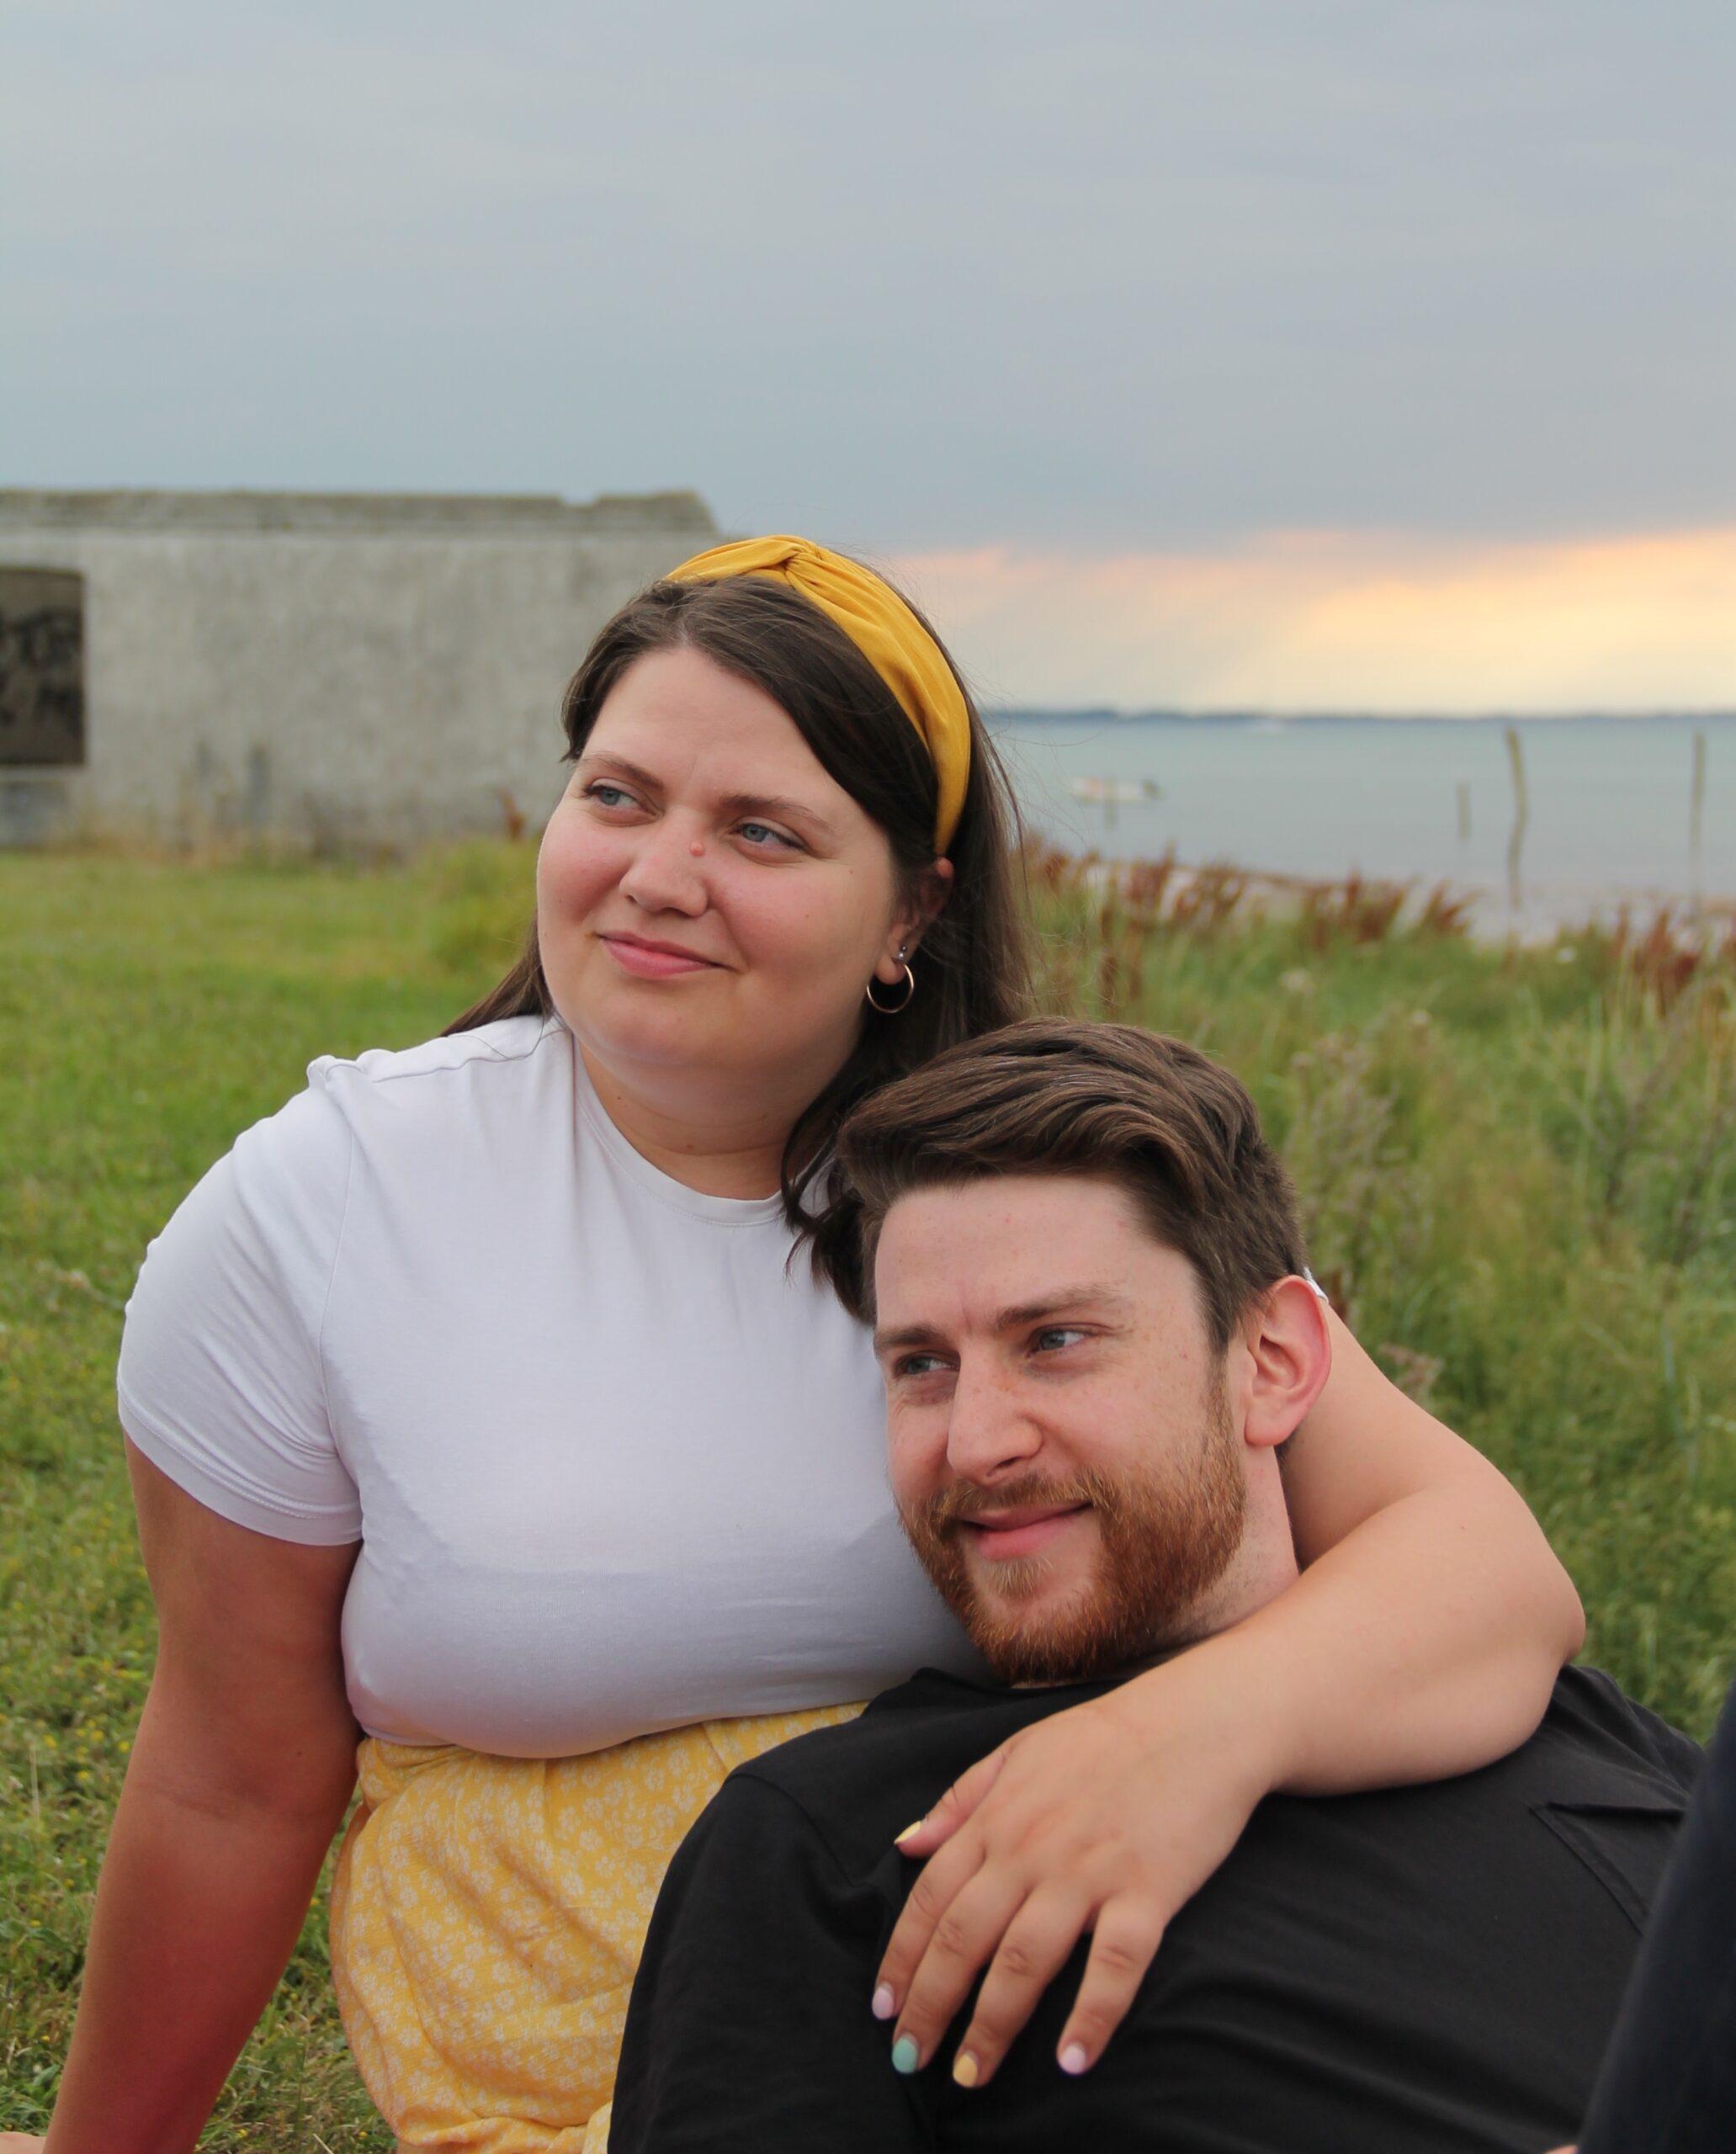 Daniel og Rebecca ved stranden